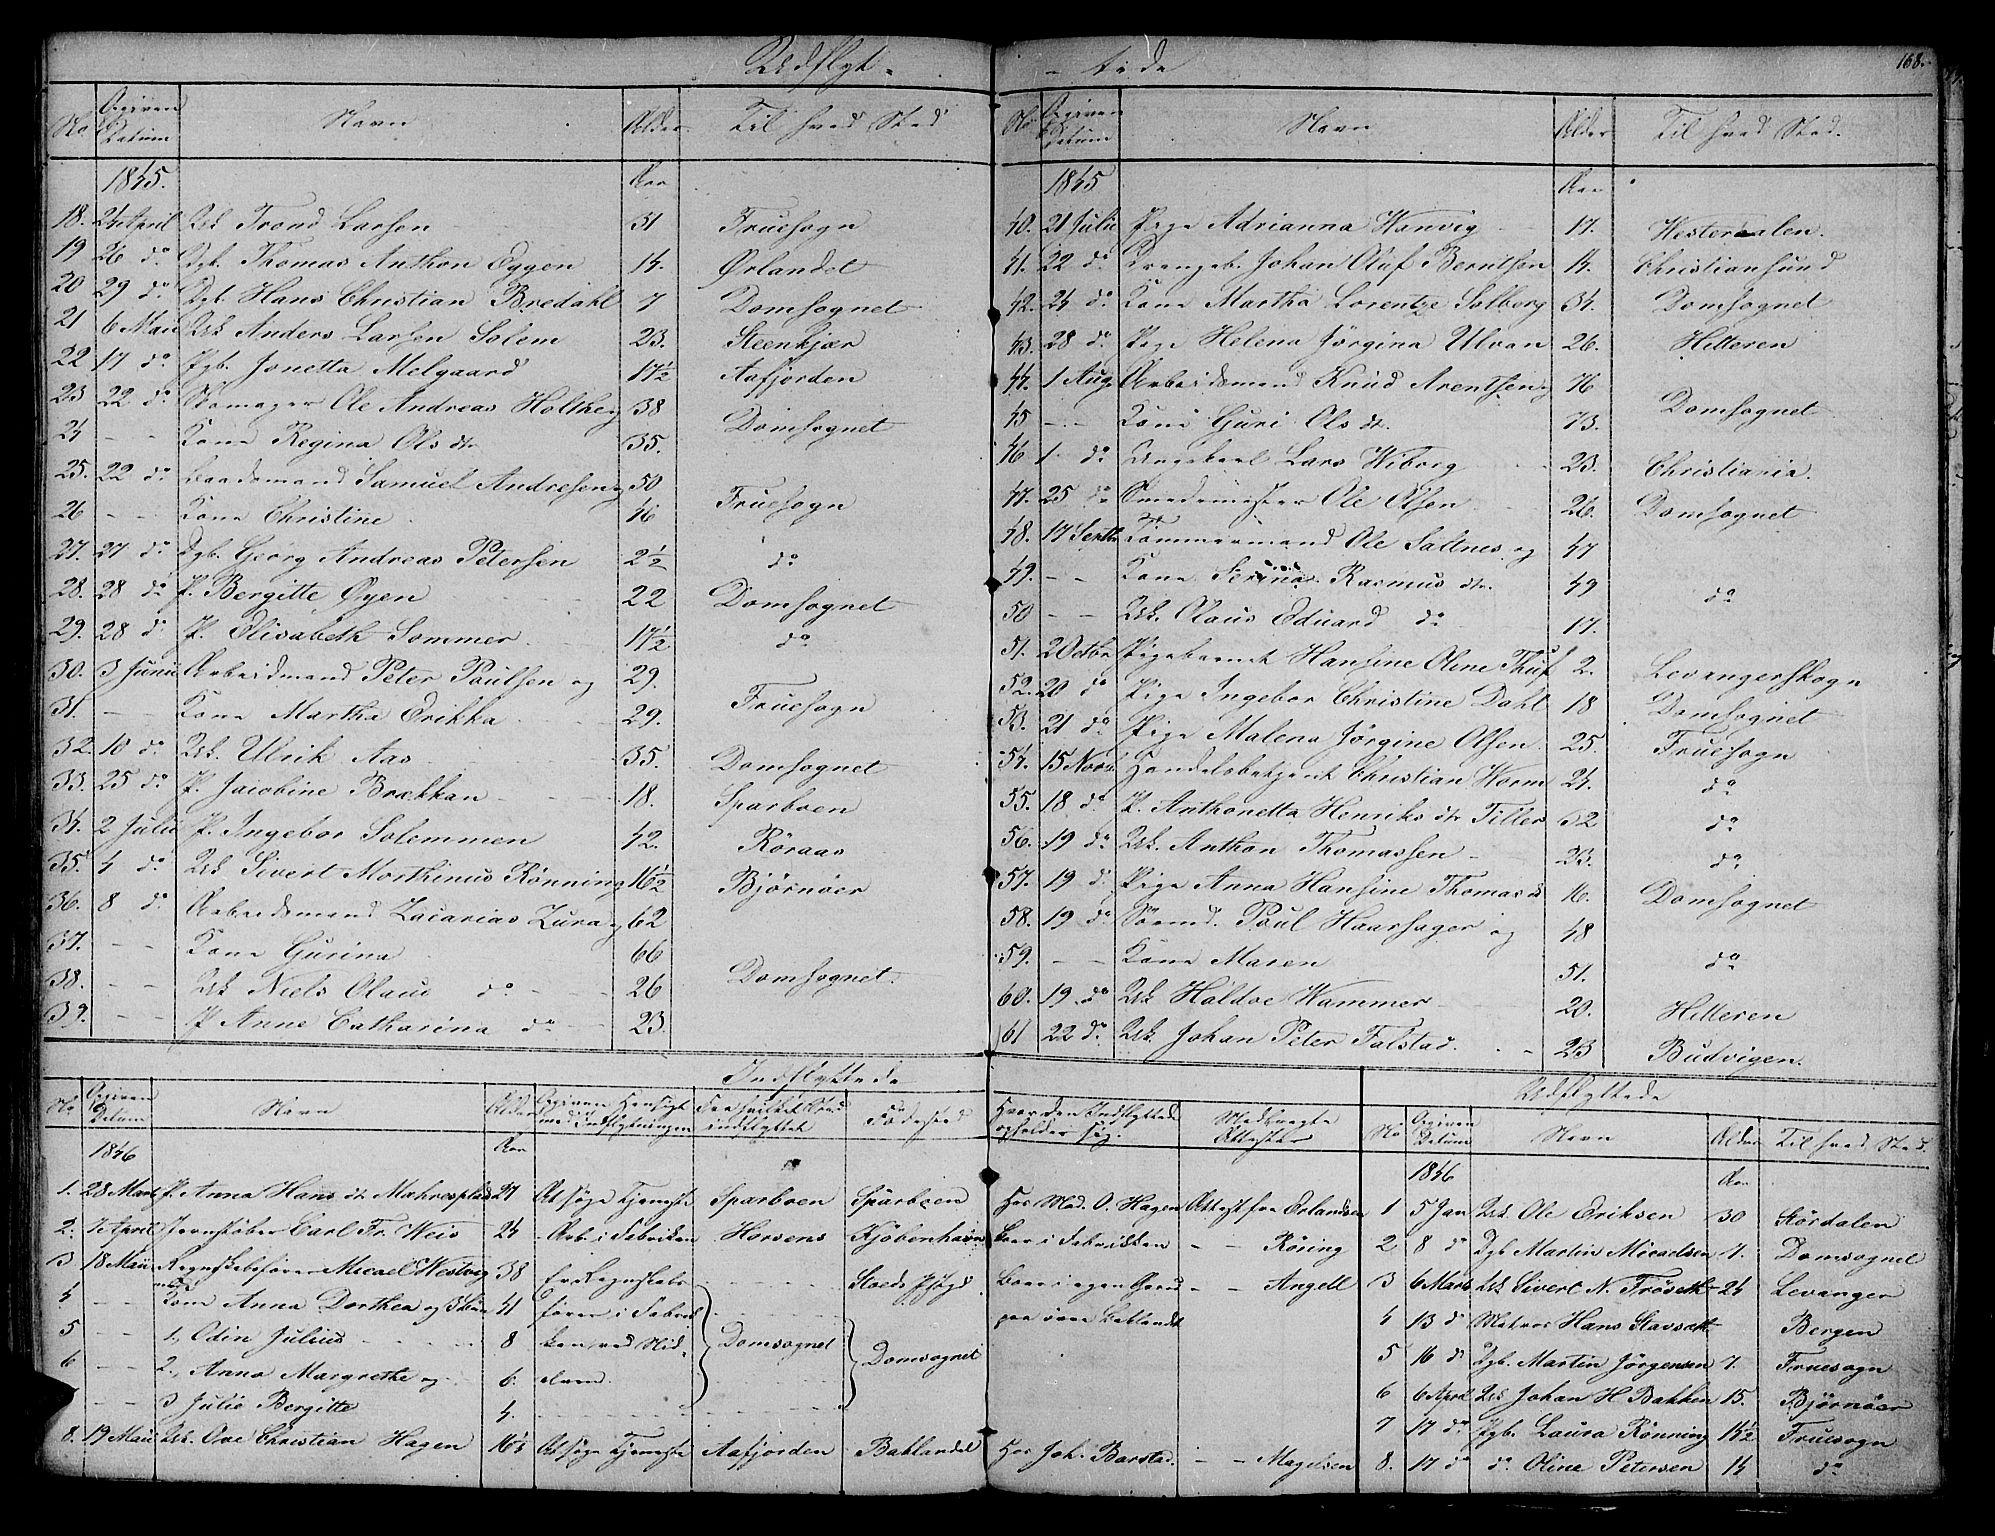 SAT, Ministerialprotokoller, klokkerbøker og fødselsregistre - Sør-Trøndelag, 604/L0182: Ministerialbok nr. 604A03, 1818-1850, s. 168